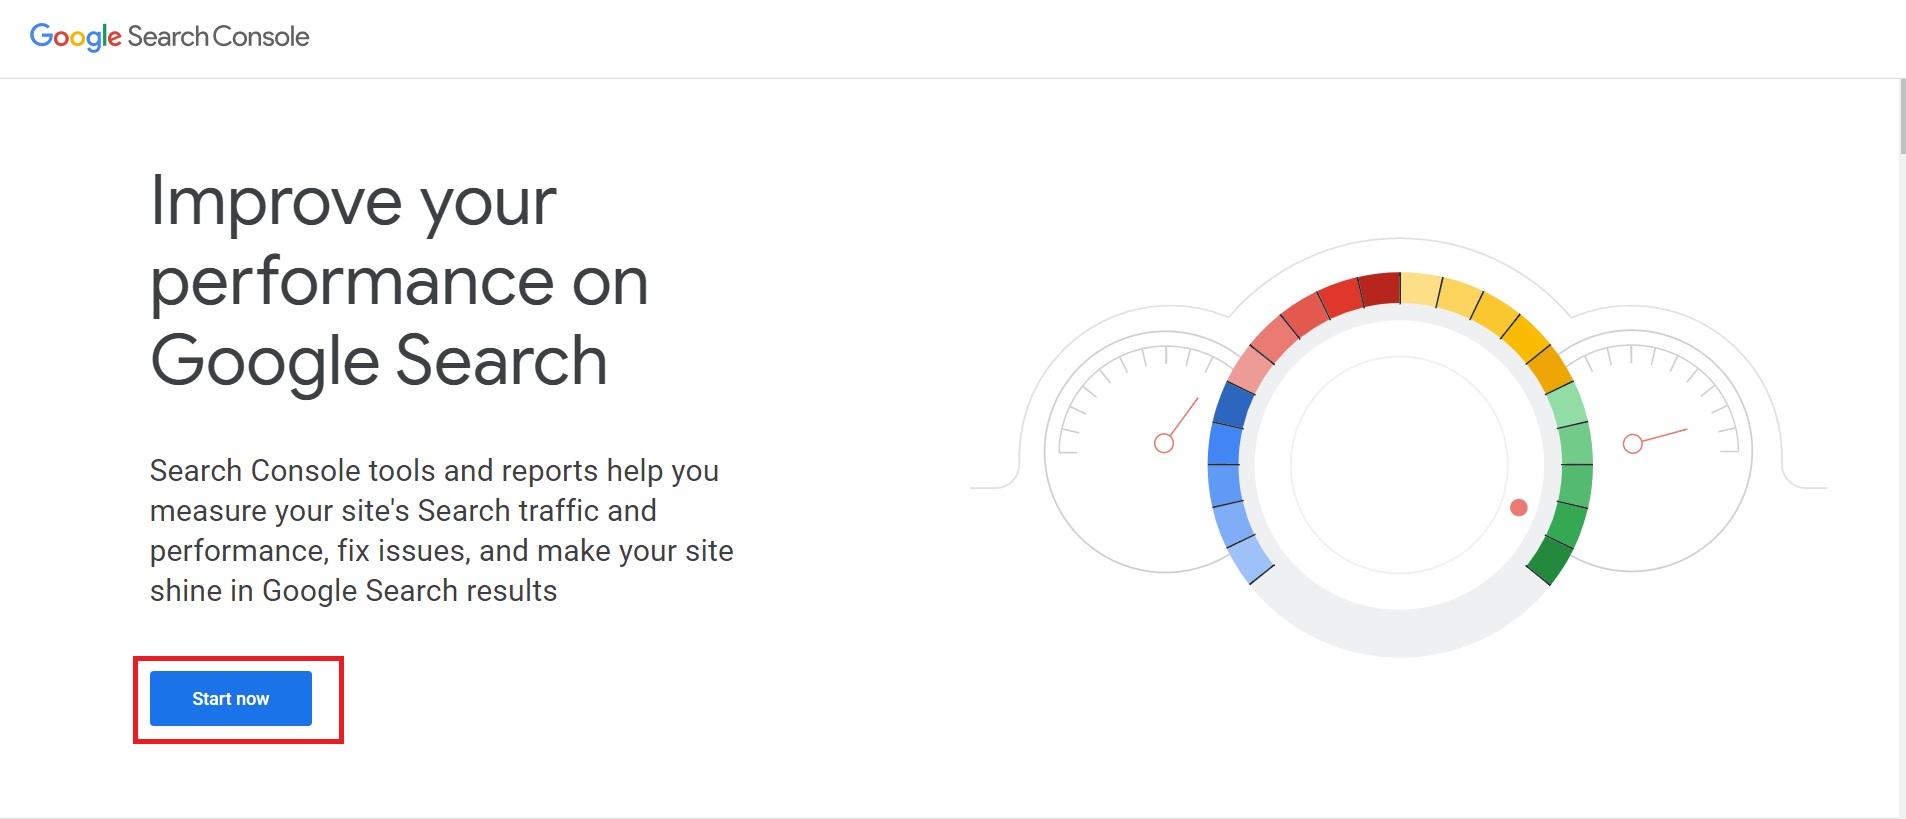 آموزش افزودن سایت به گوگل وبمستر با ساخت اکانت وبمستر تولز